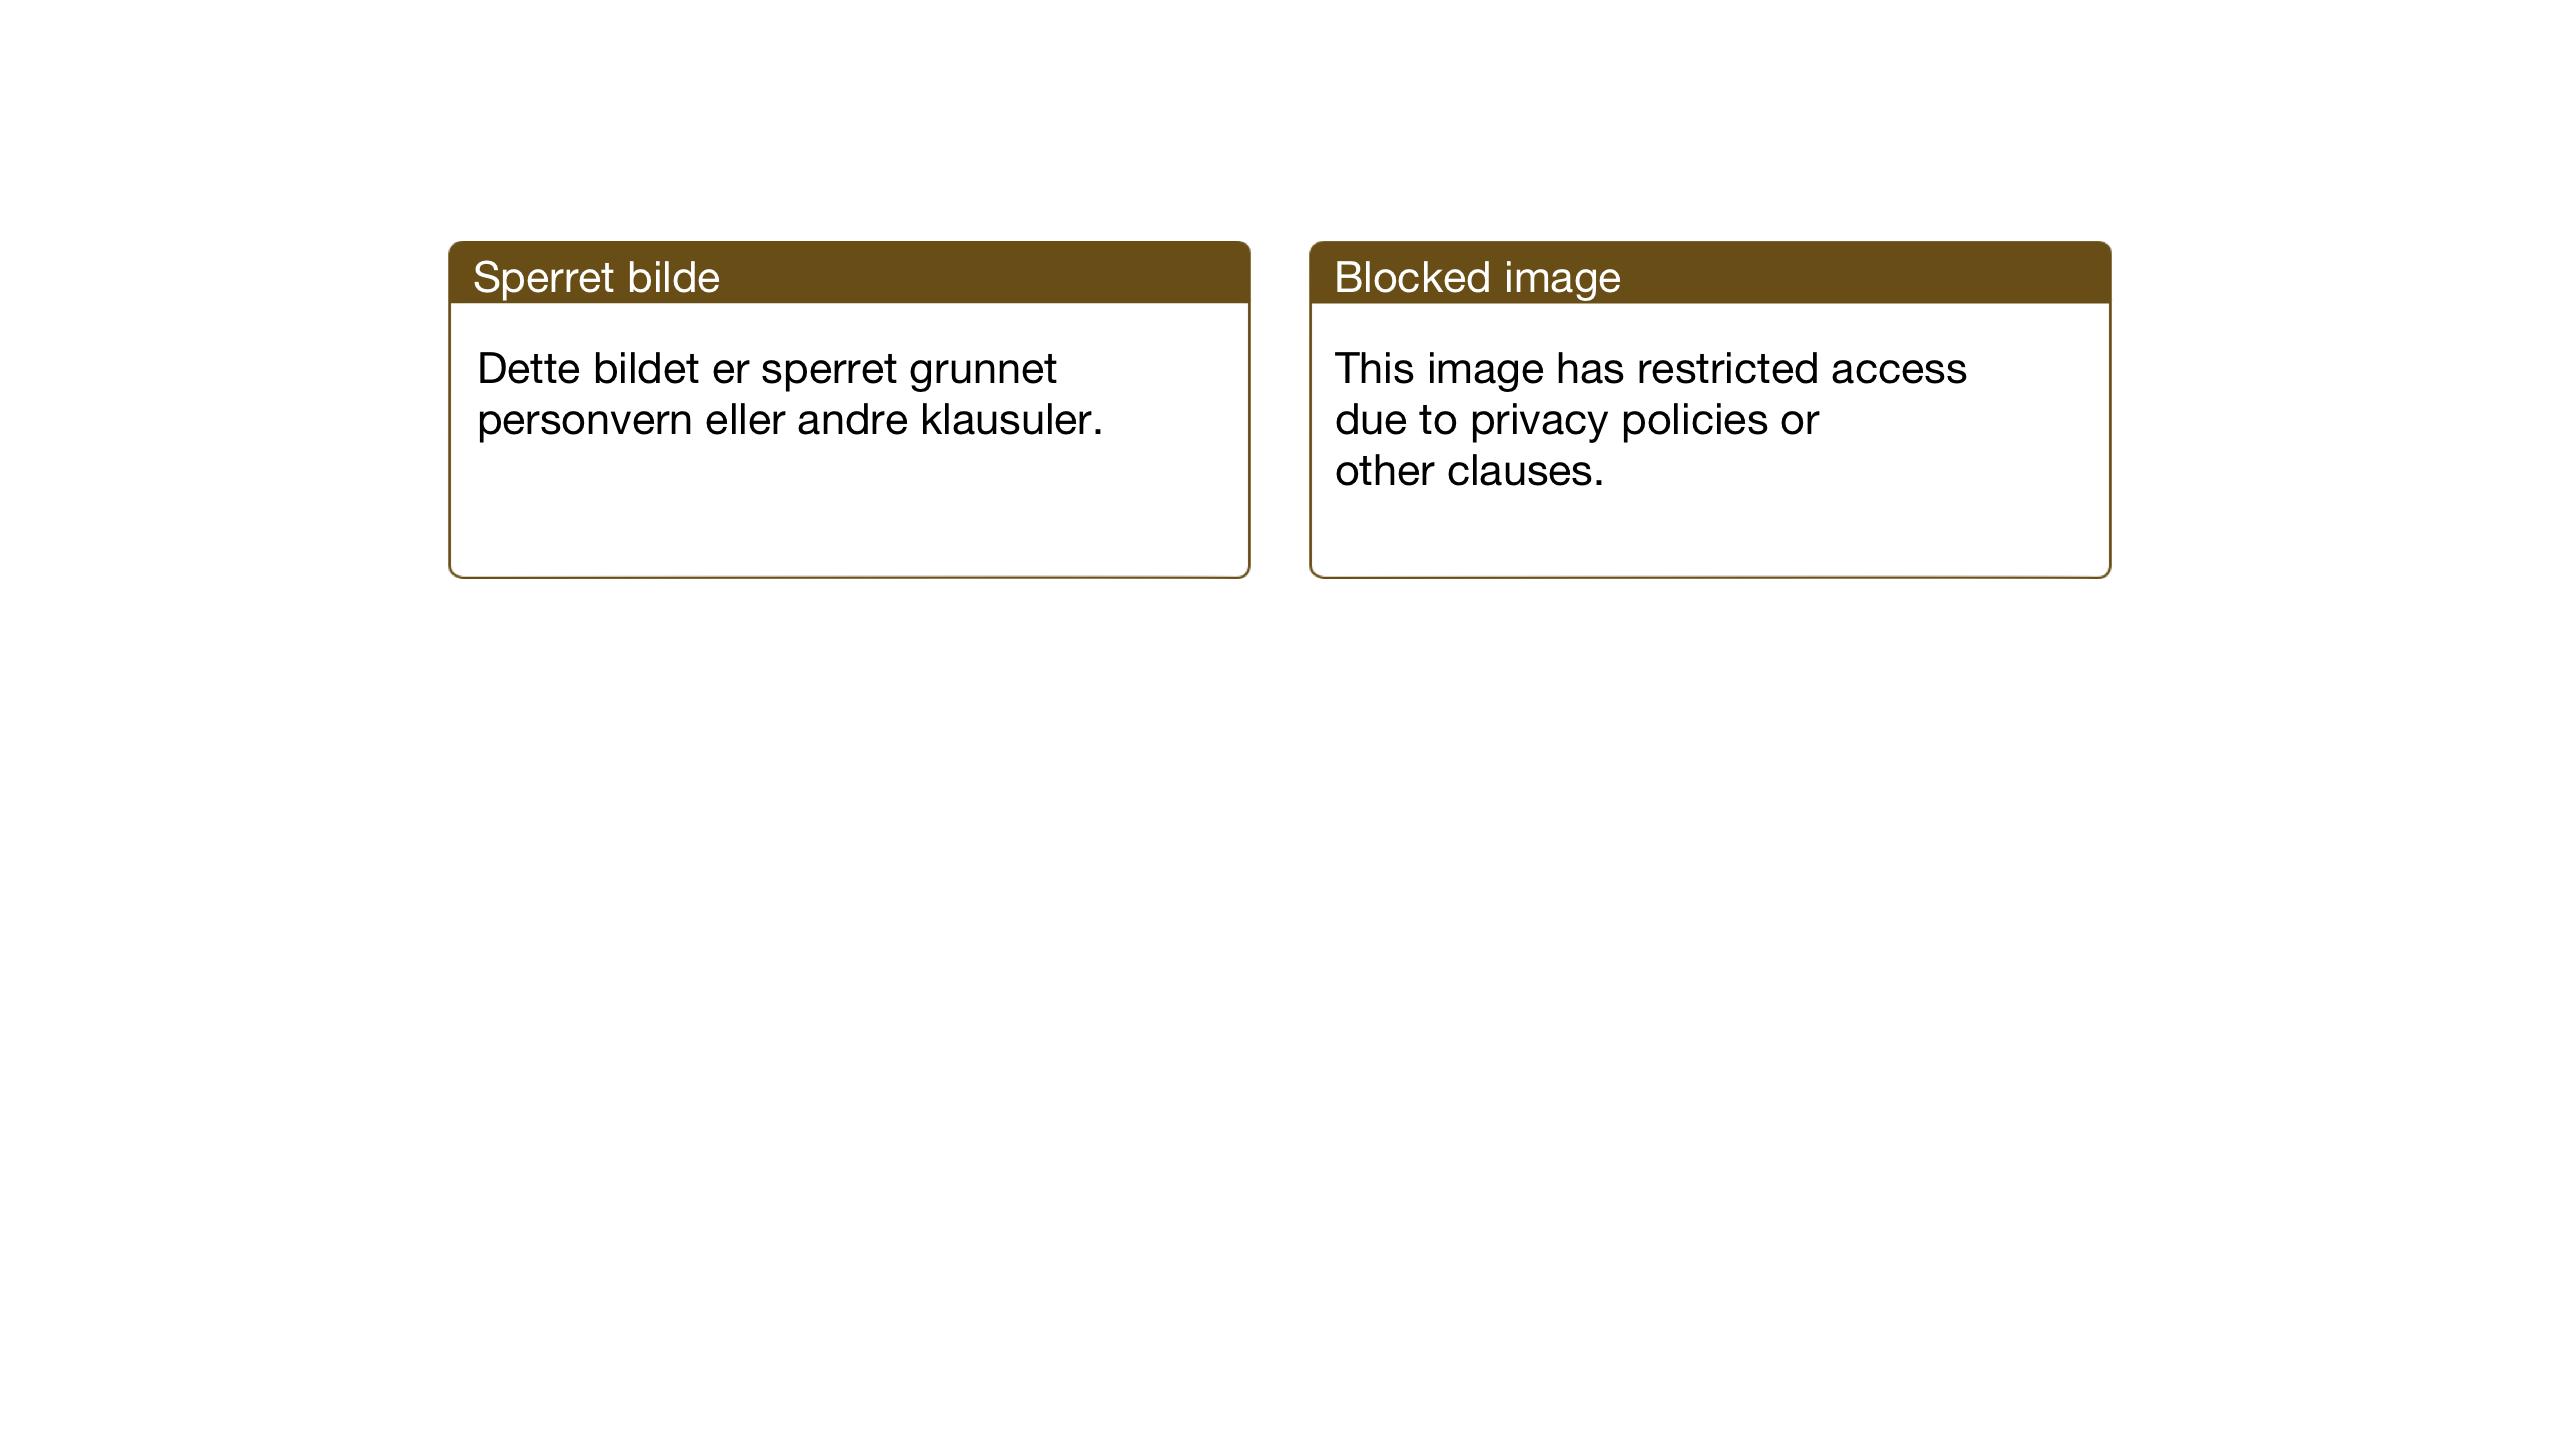 SAT, Ministerialprotokoller, klokkerbøker og fødselsregistre - Sør-Trøndelag, 657/L0718: Klokkerbok nr. 657C05, 1923-1948, s. 201